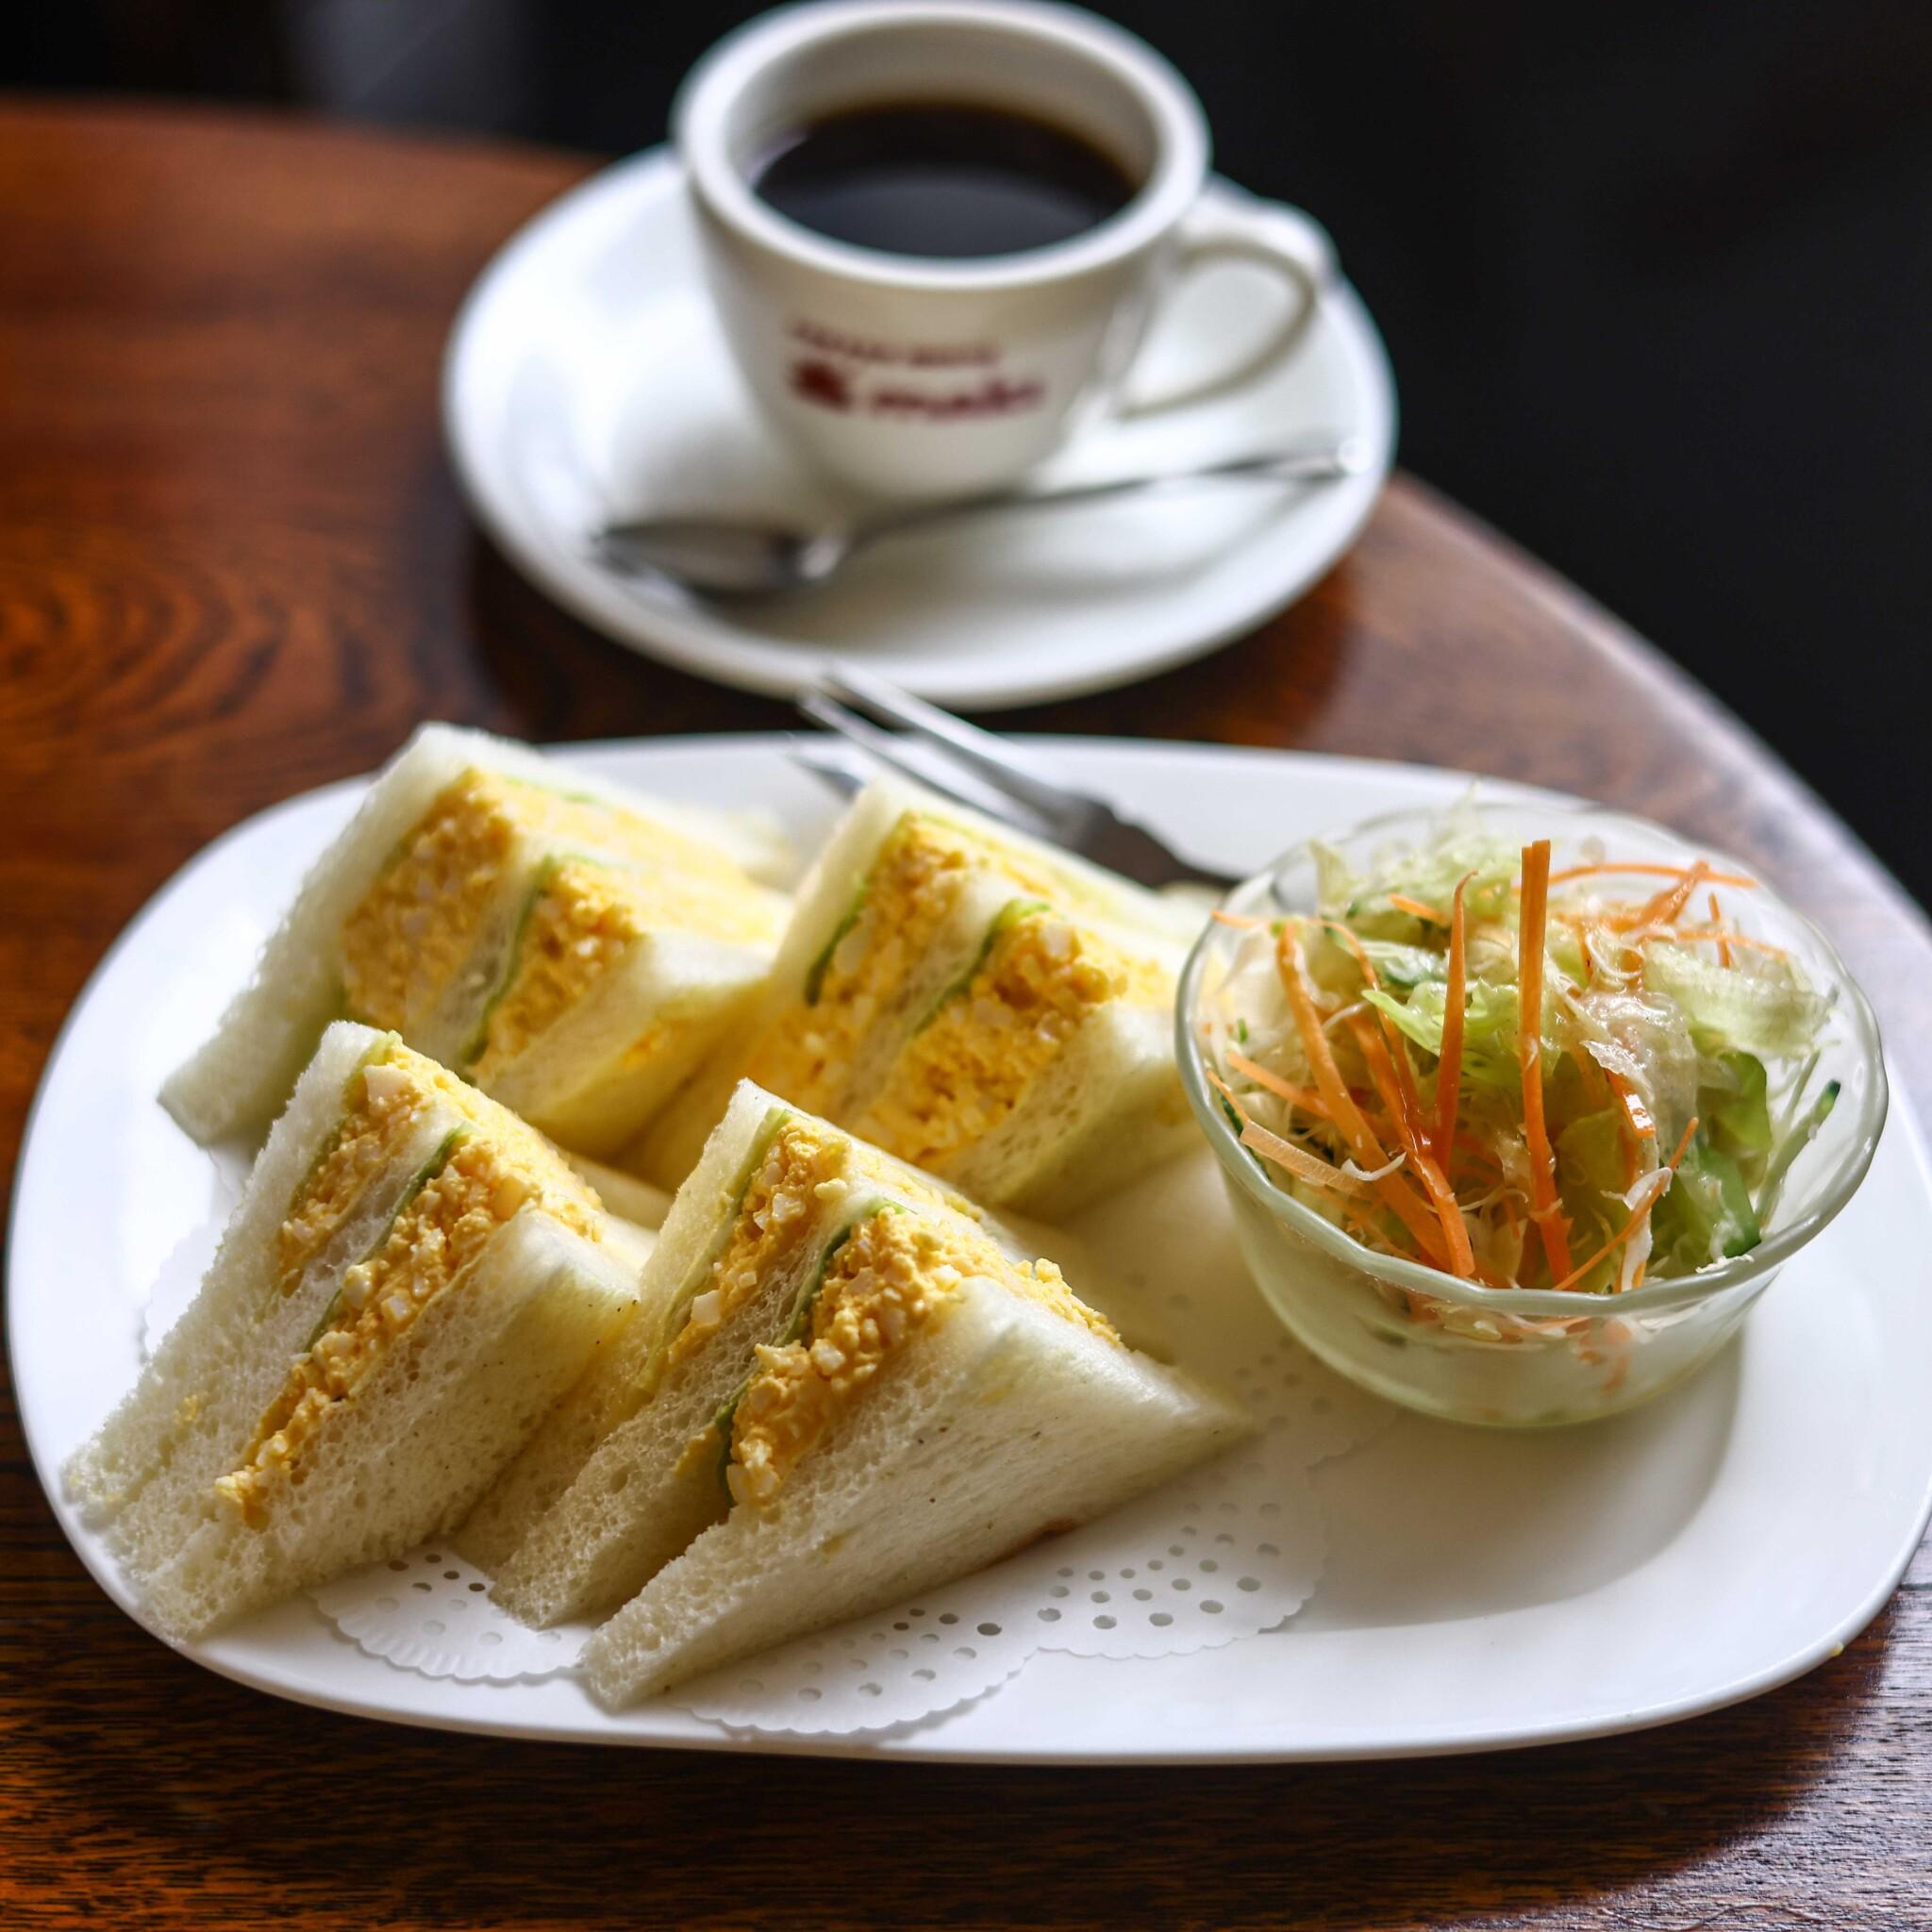 【京都】老舗喫茶店〈COFFEE HOUSE maki〉で、こだわりの朝食と淹れたて珈琲を。